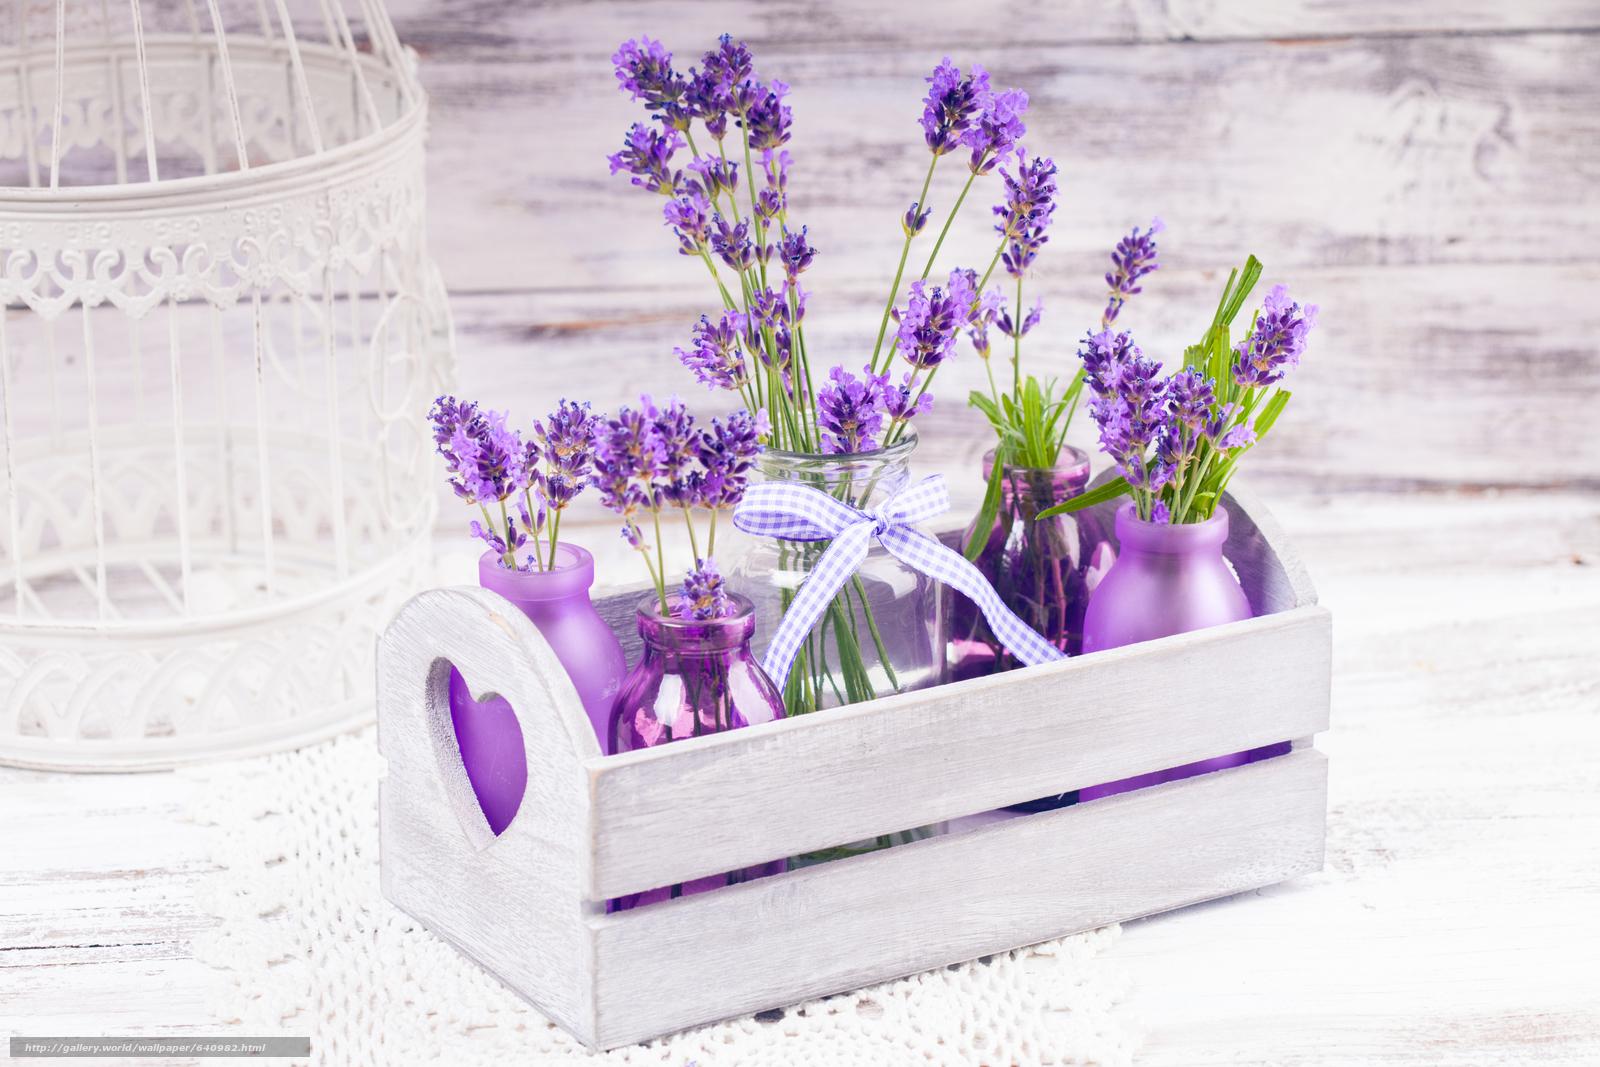 Скачать обои цветы,  лаванда,  растение,  флора бесплатно для рабочего стола в разрешении 5616x3744 — картинка №640982